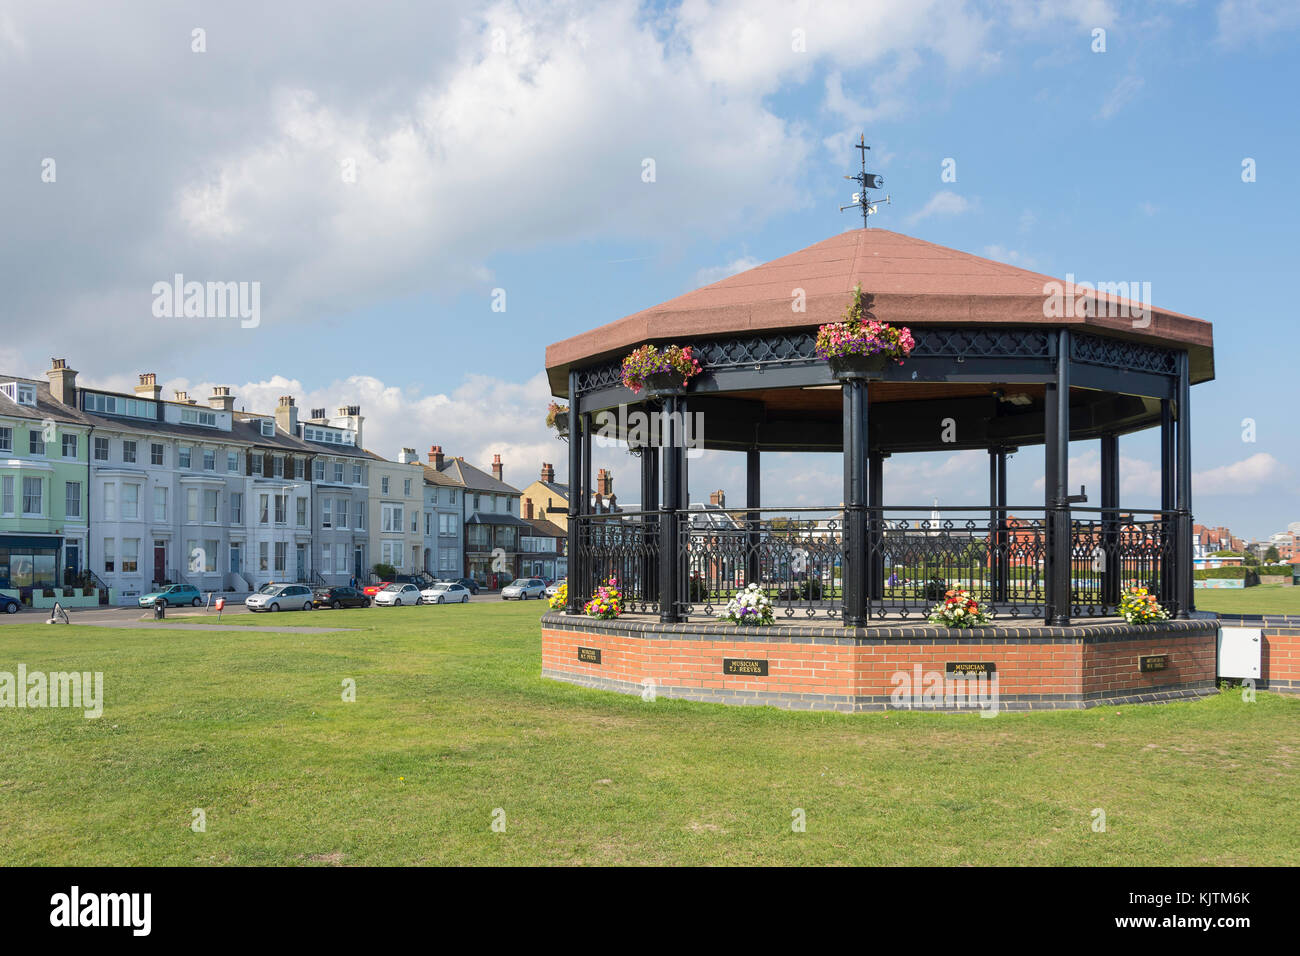 La trattativa Memorial Bandstand, Strand, Ash, England, Regno Unito Immagini Stock